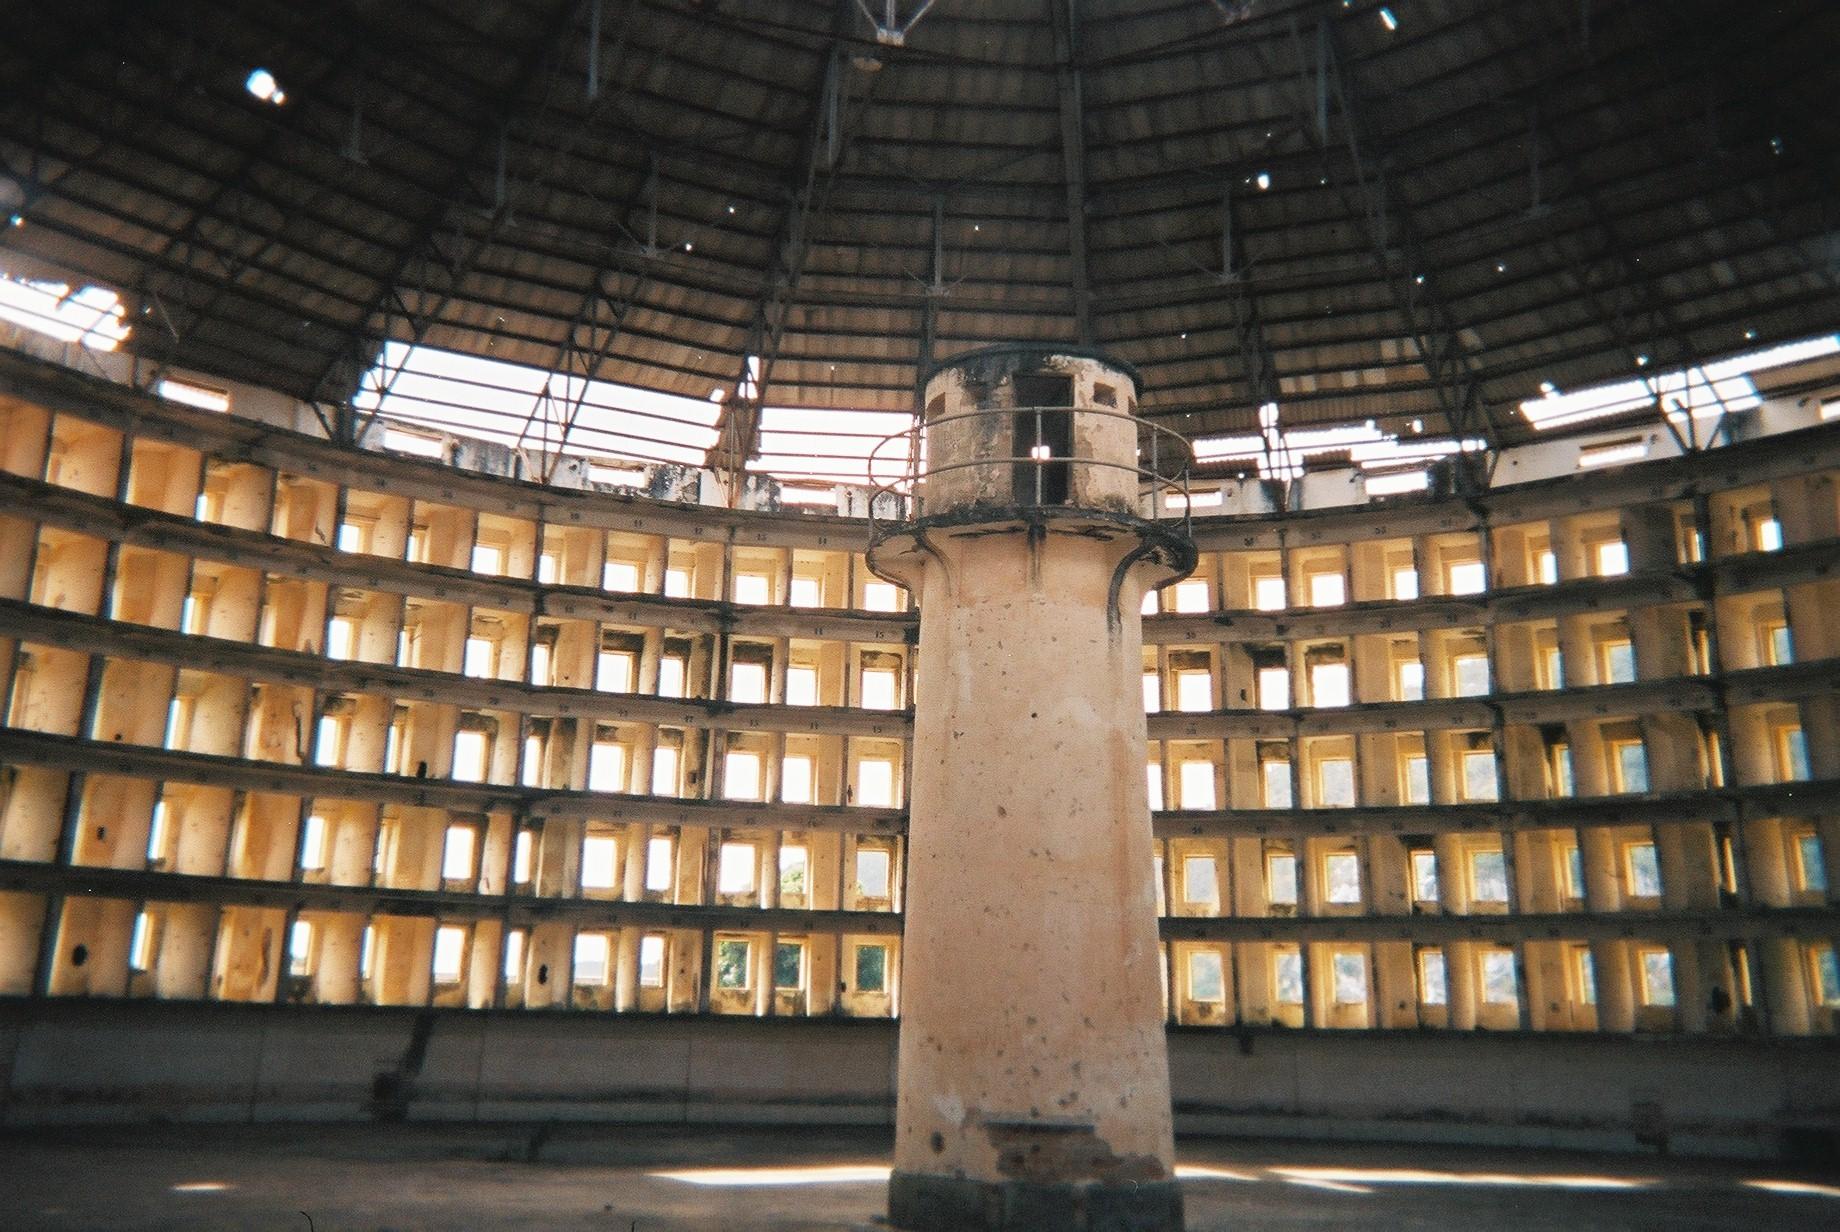 سجن بريسيديو، كوبا